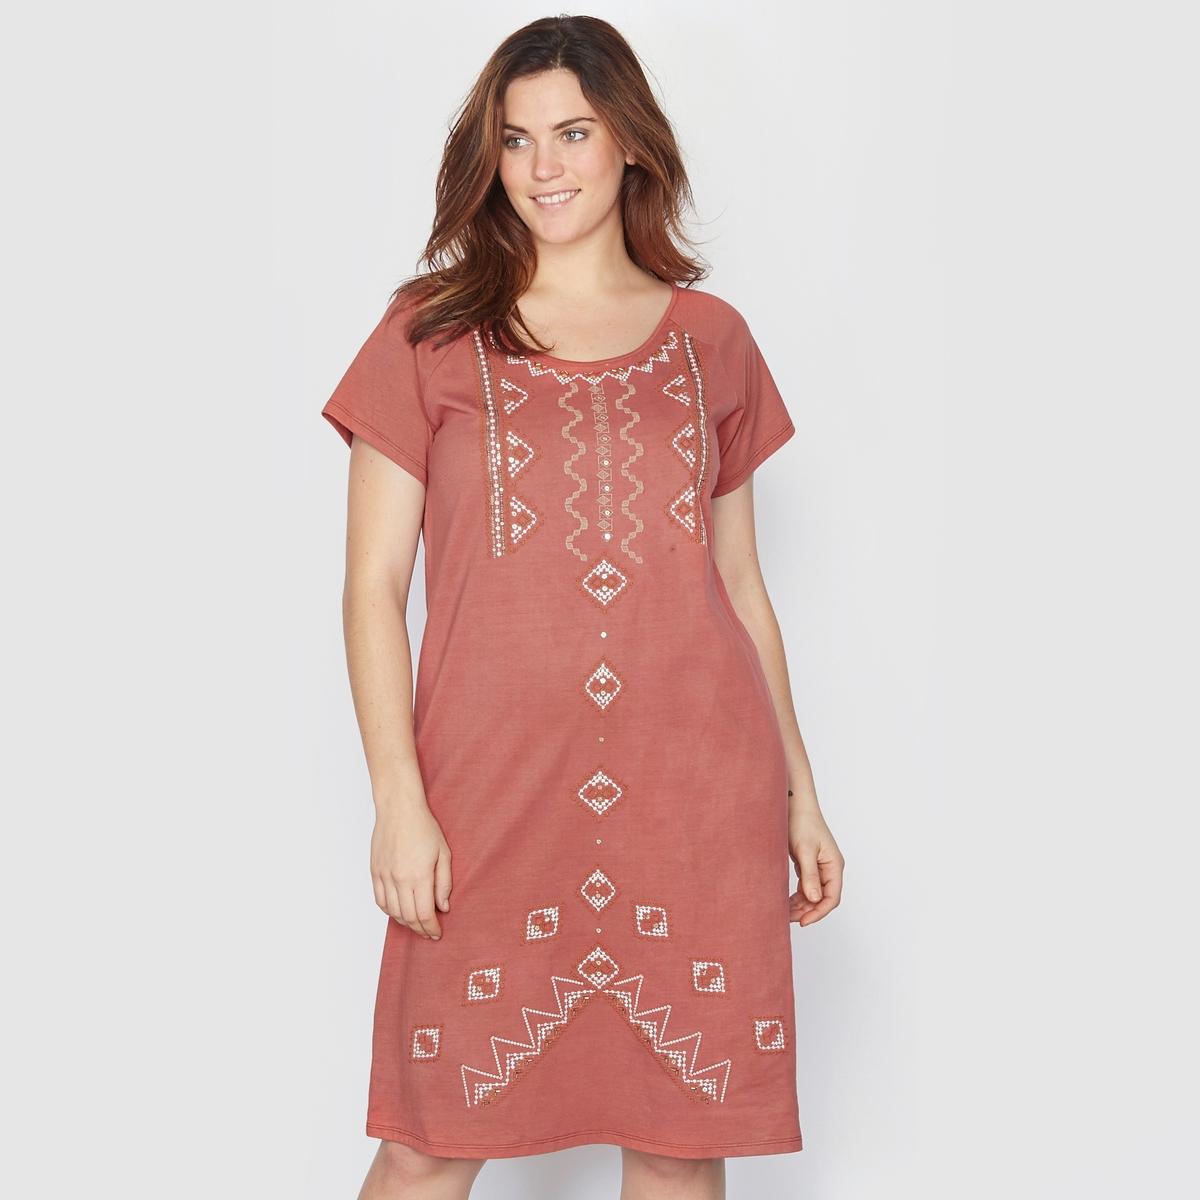 Платье, расшитое бусинамиПлатье из трикотажа. Расшито красивыми бусинами и украшено изысканной вышивкой! Закругленный вырез. Короткие рукава реглан. Джерси, 100% хлопок. Длина ок.95 см.<br><br>Цвет: кирпичный<br>Размер: 48 (FR) - 54 (RUS).52 (FR) - 58 (RUS)